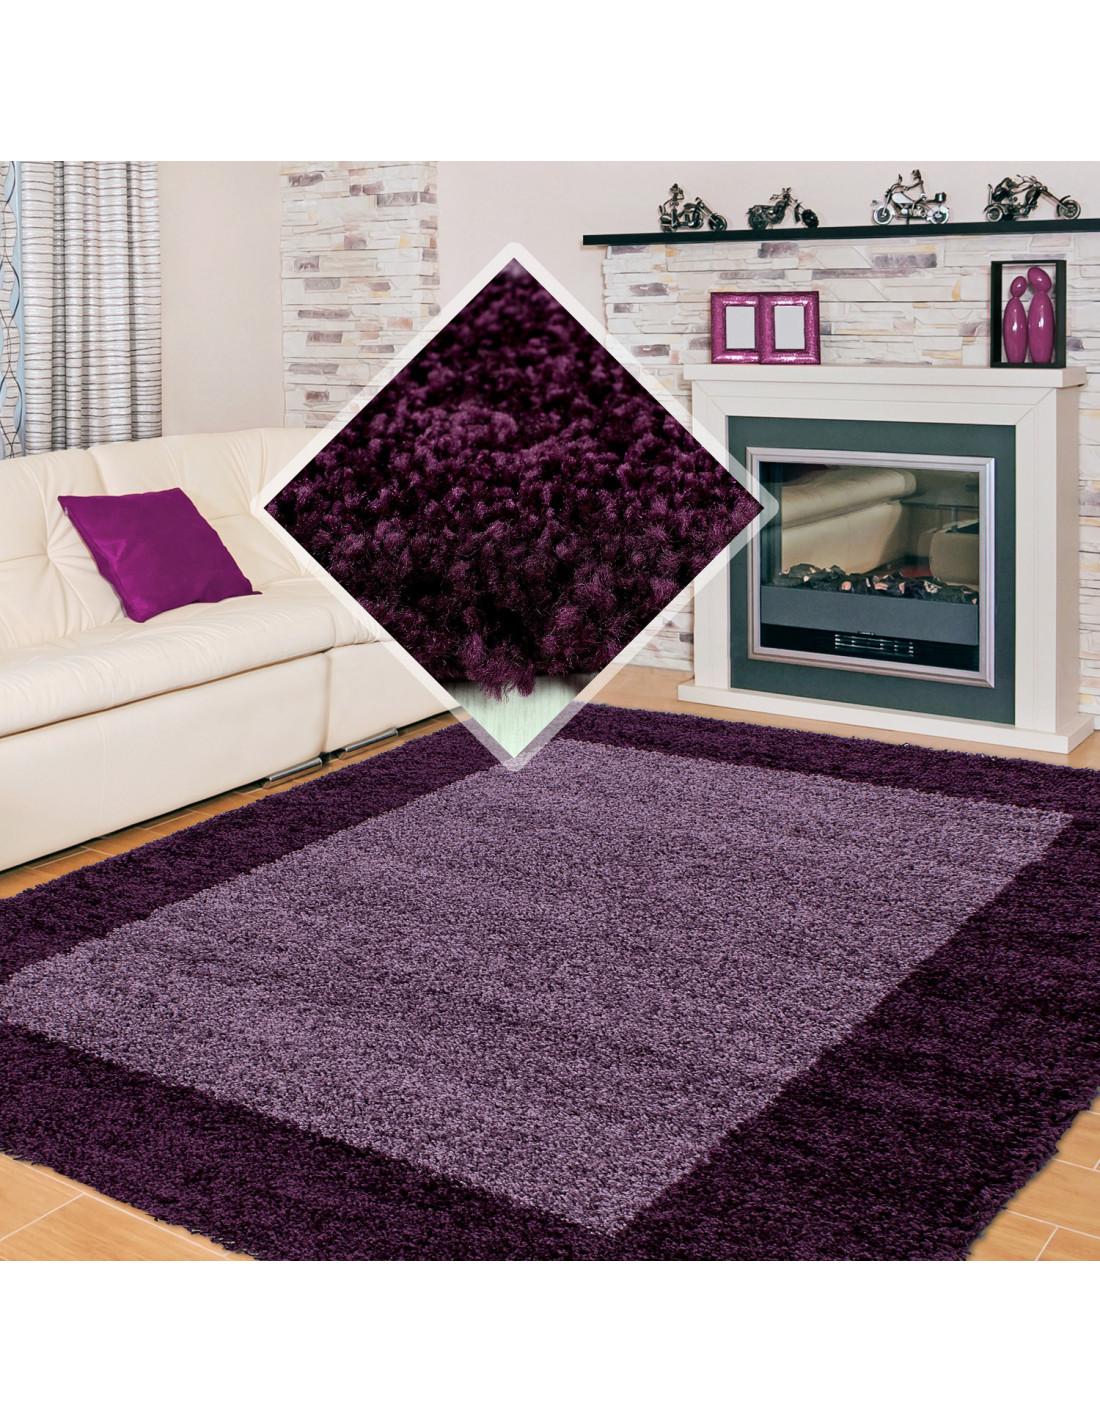 Tappeto Shaggy Tappeto Shaggy 2 Colori Altezza Pelo 3 cm Viola Viola